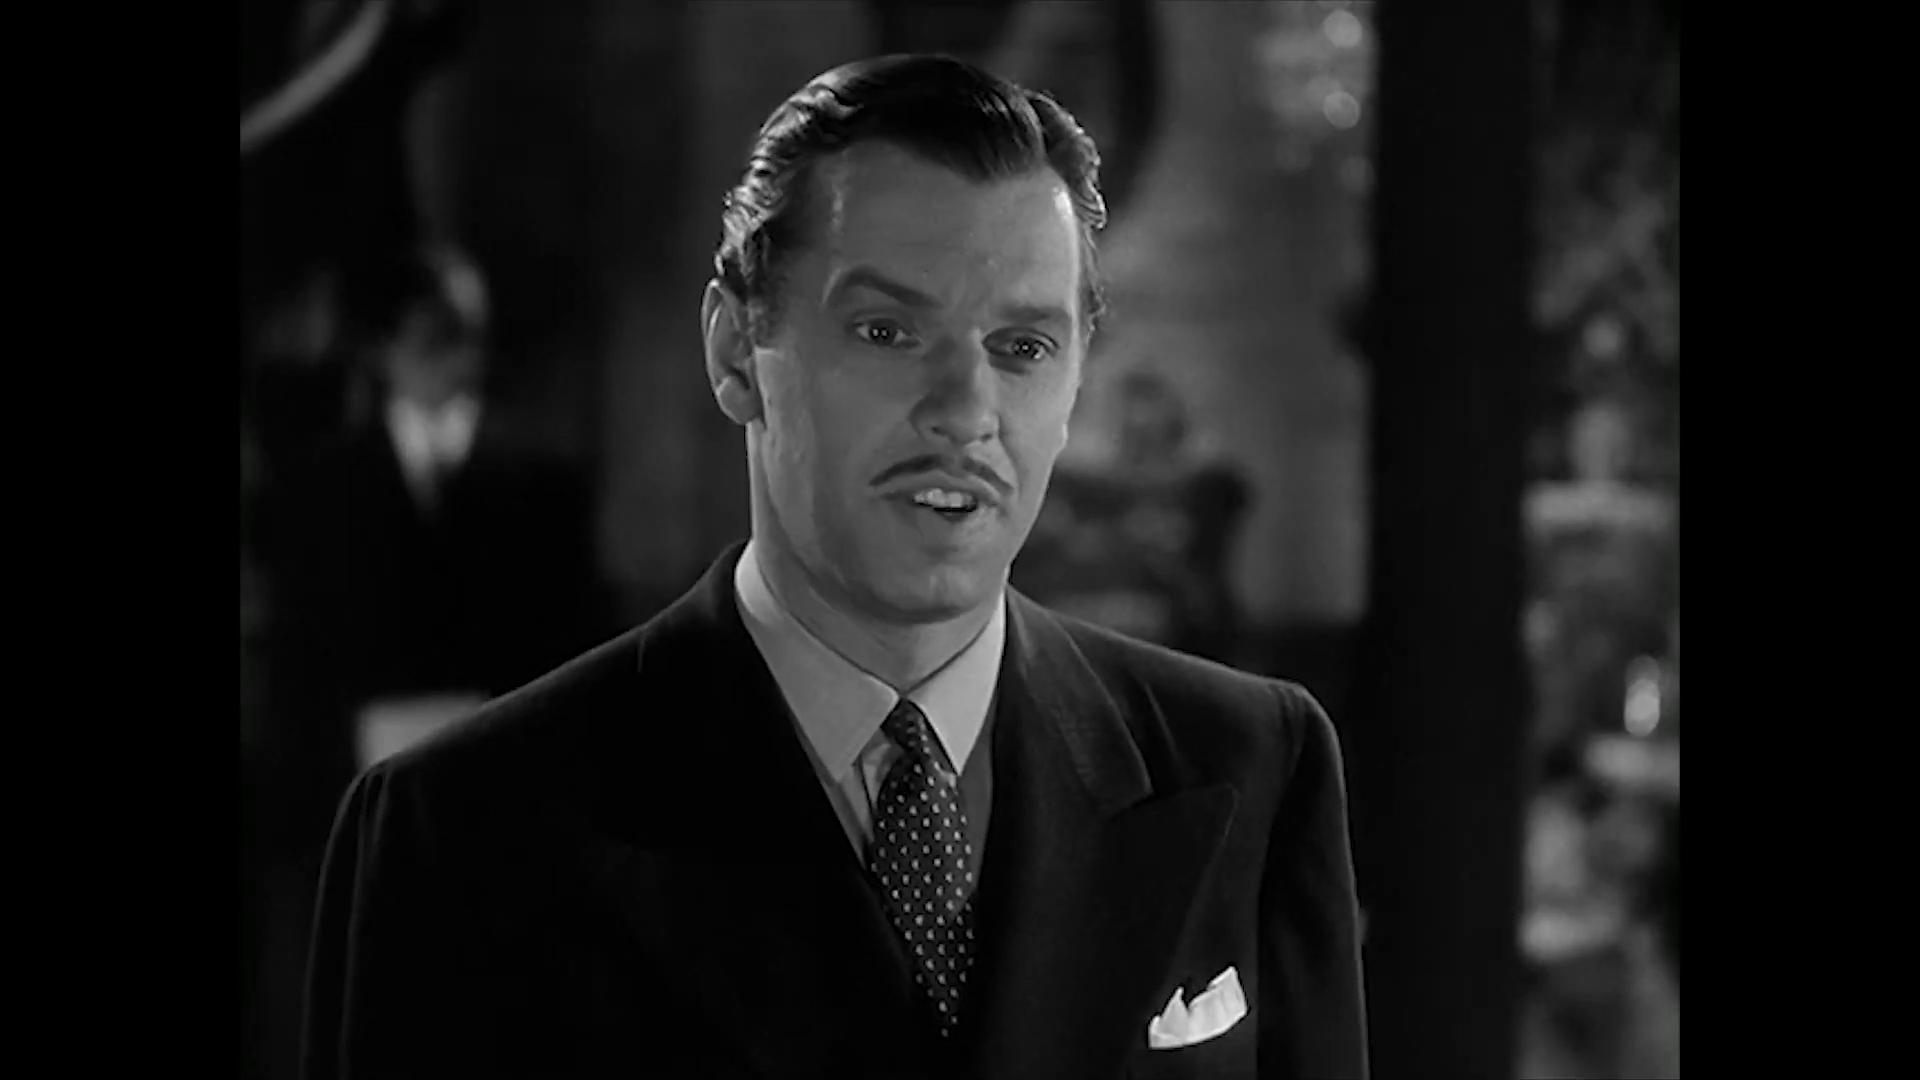 Archie Twitchell est Carter Lane dans le film policier Charlie Chan at the Wax museum (1940) de Lynn Shores